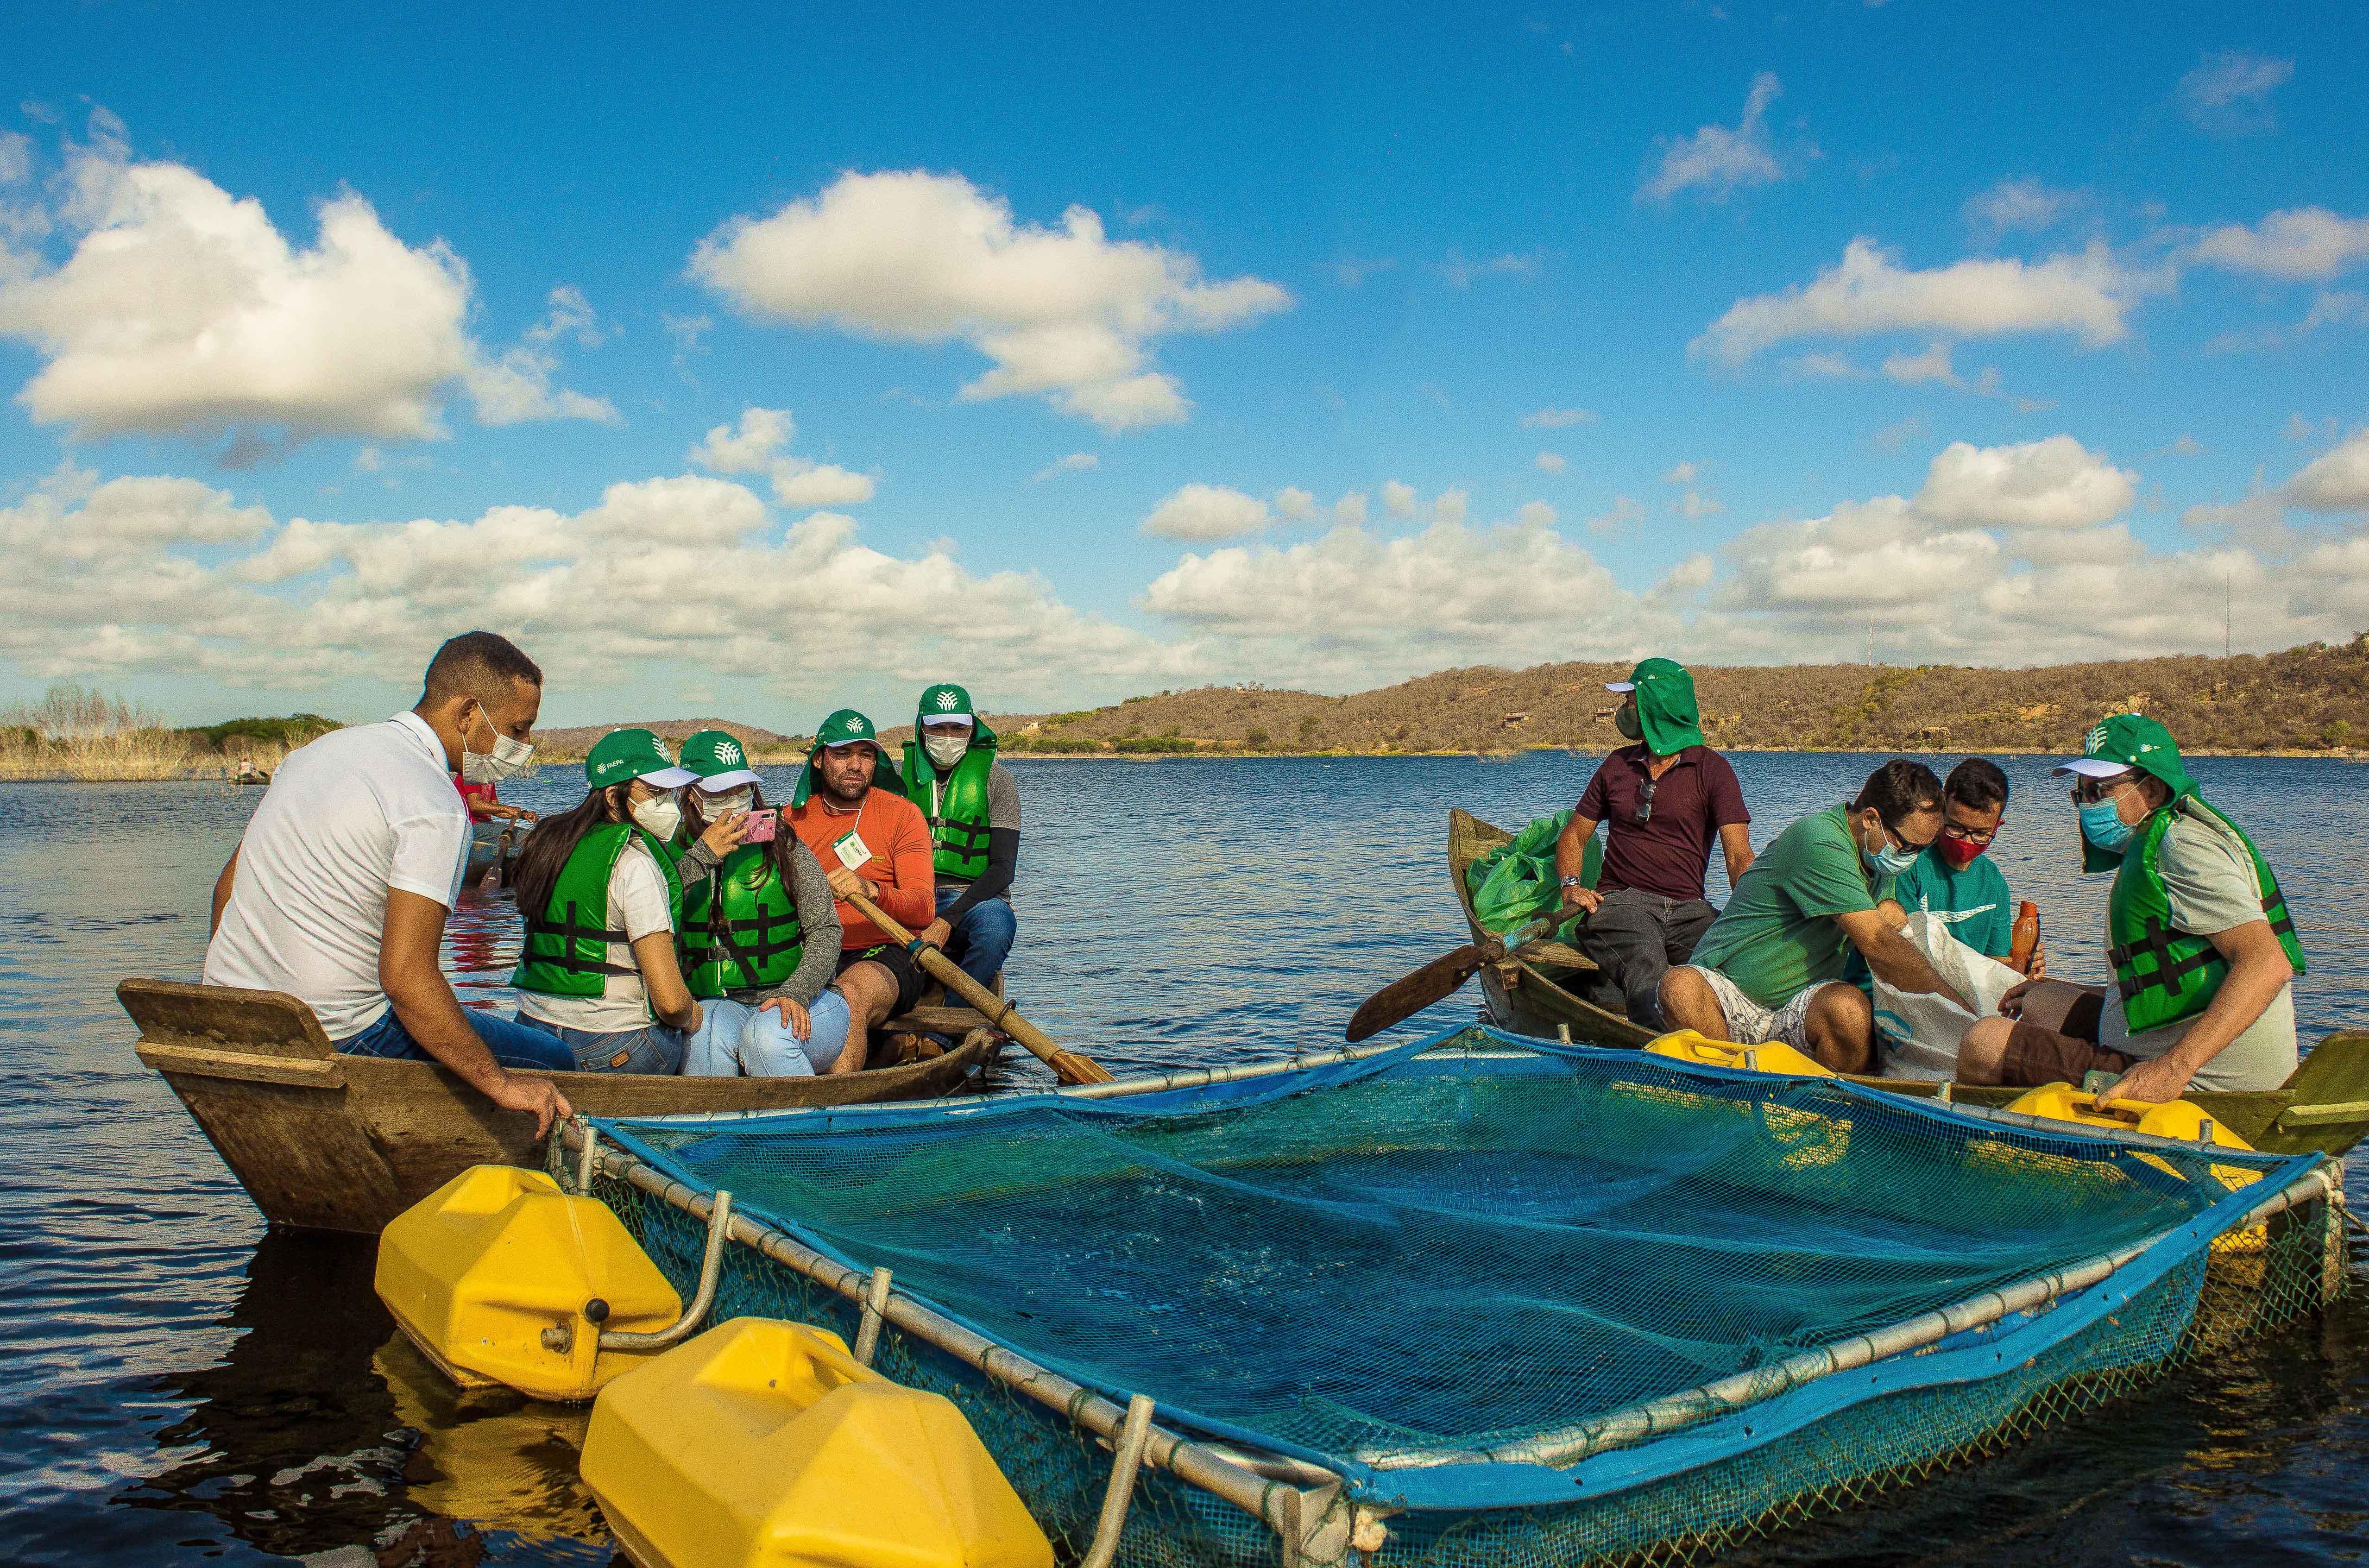 2021-09-17-e-19-curso-piscicultura-francisco-cesar-4492.jpg